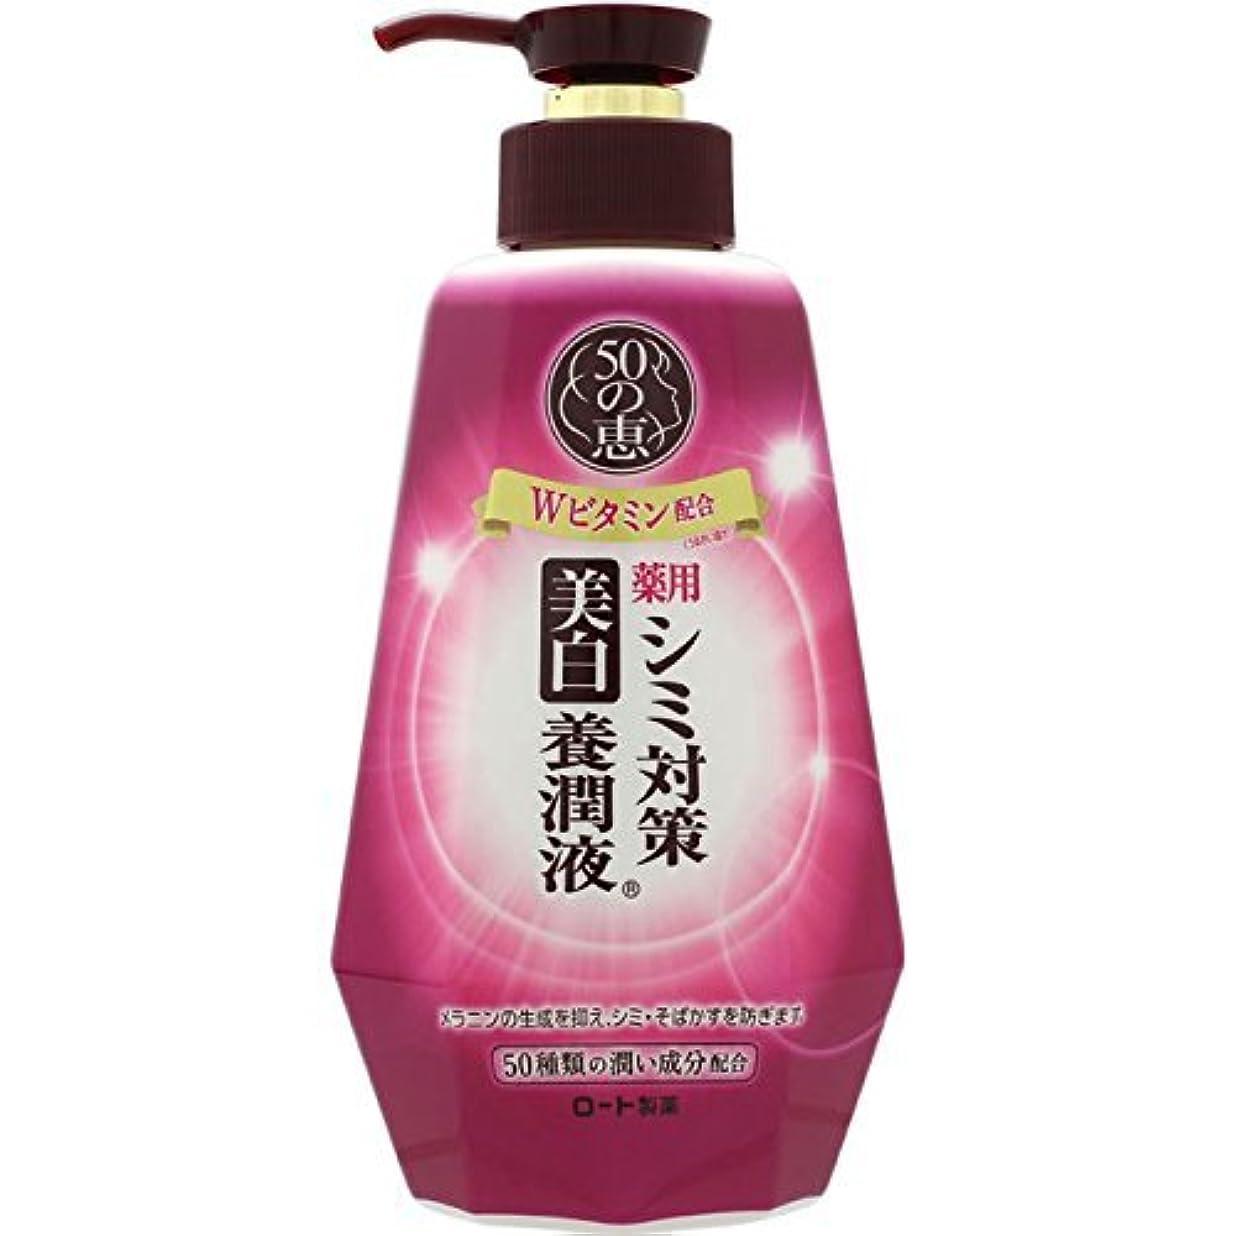 是正する取り消すパンチ50の恵 シミ対策 美白養潤液 230mL (医薬部外品) ×2